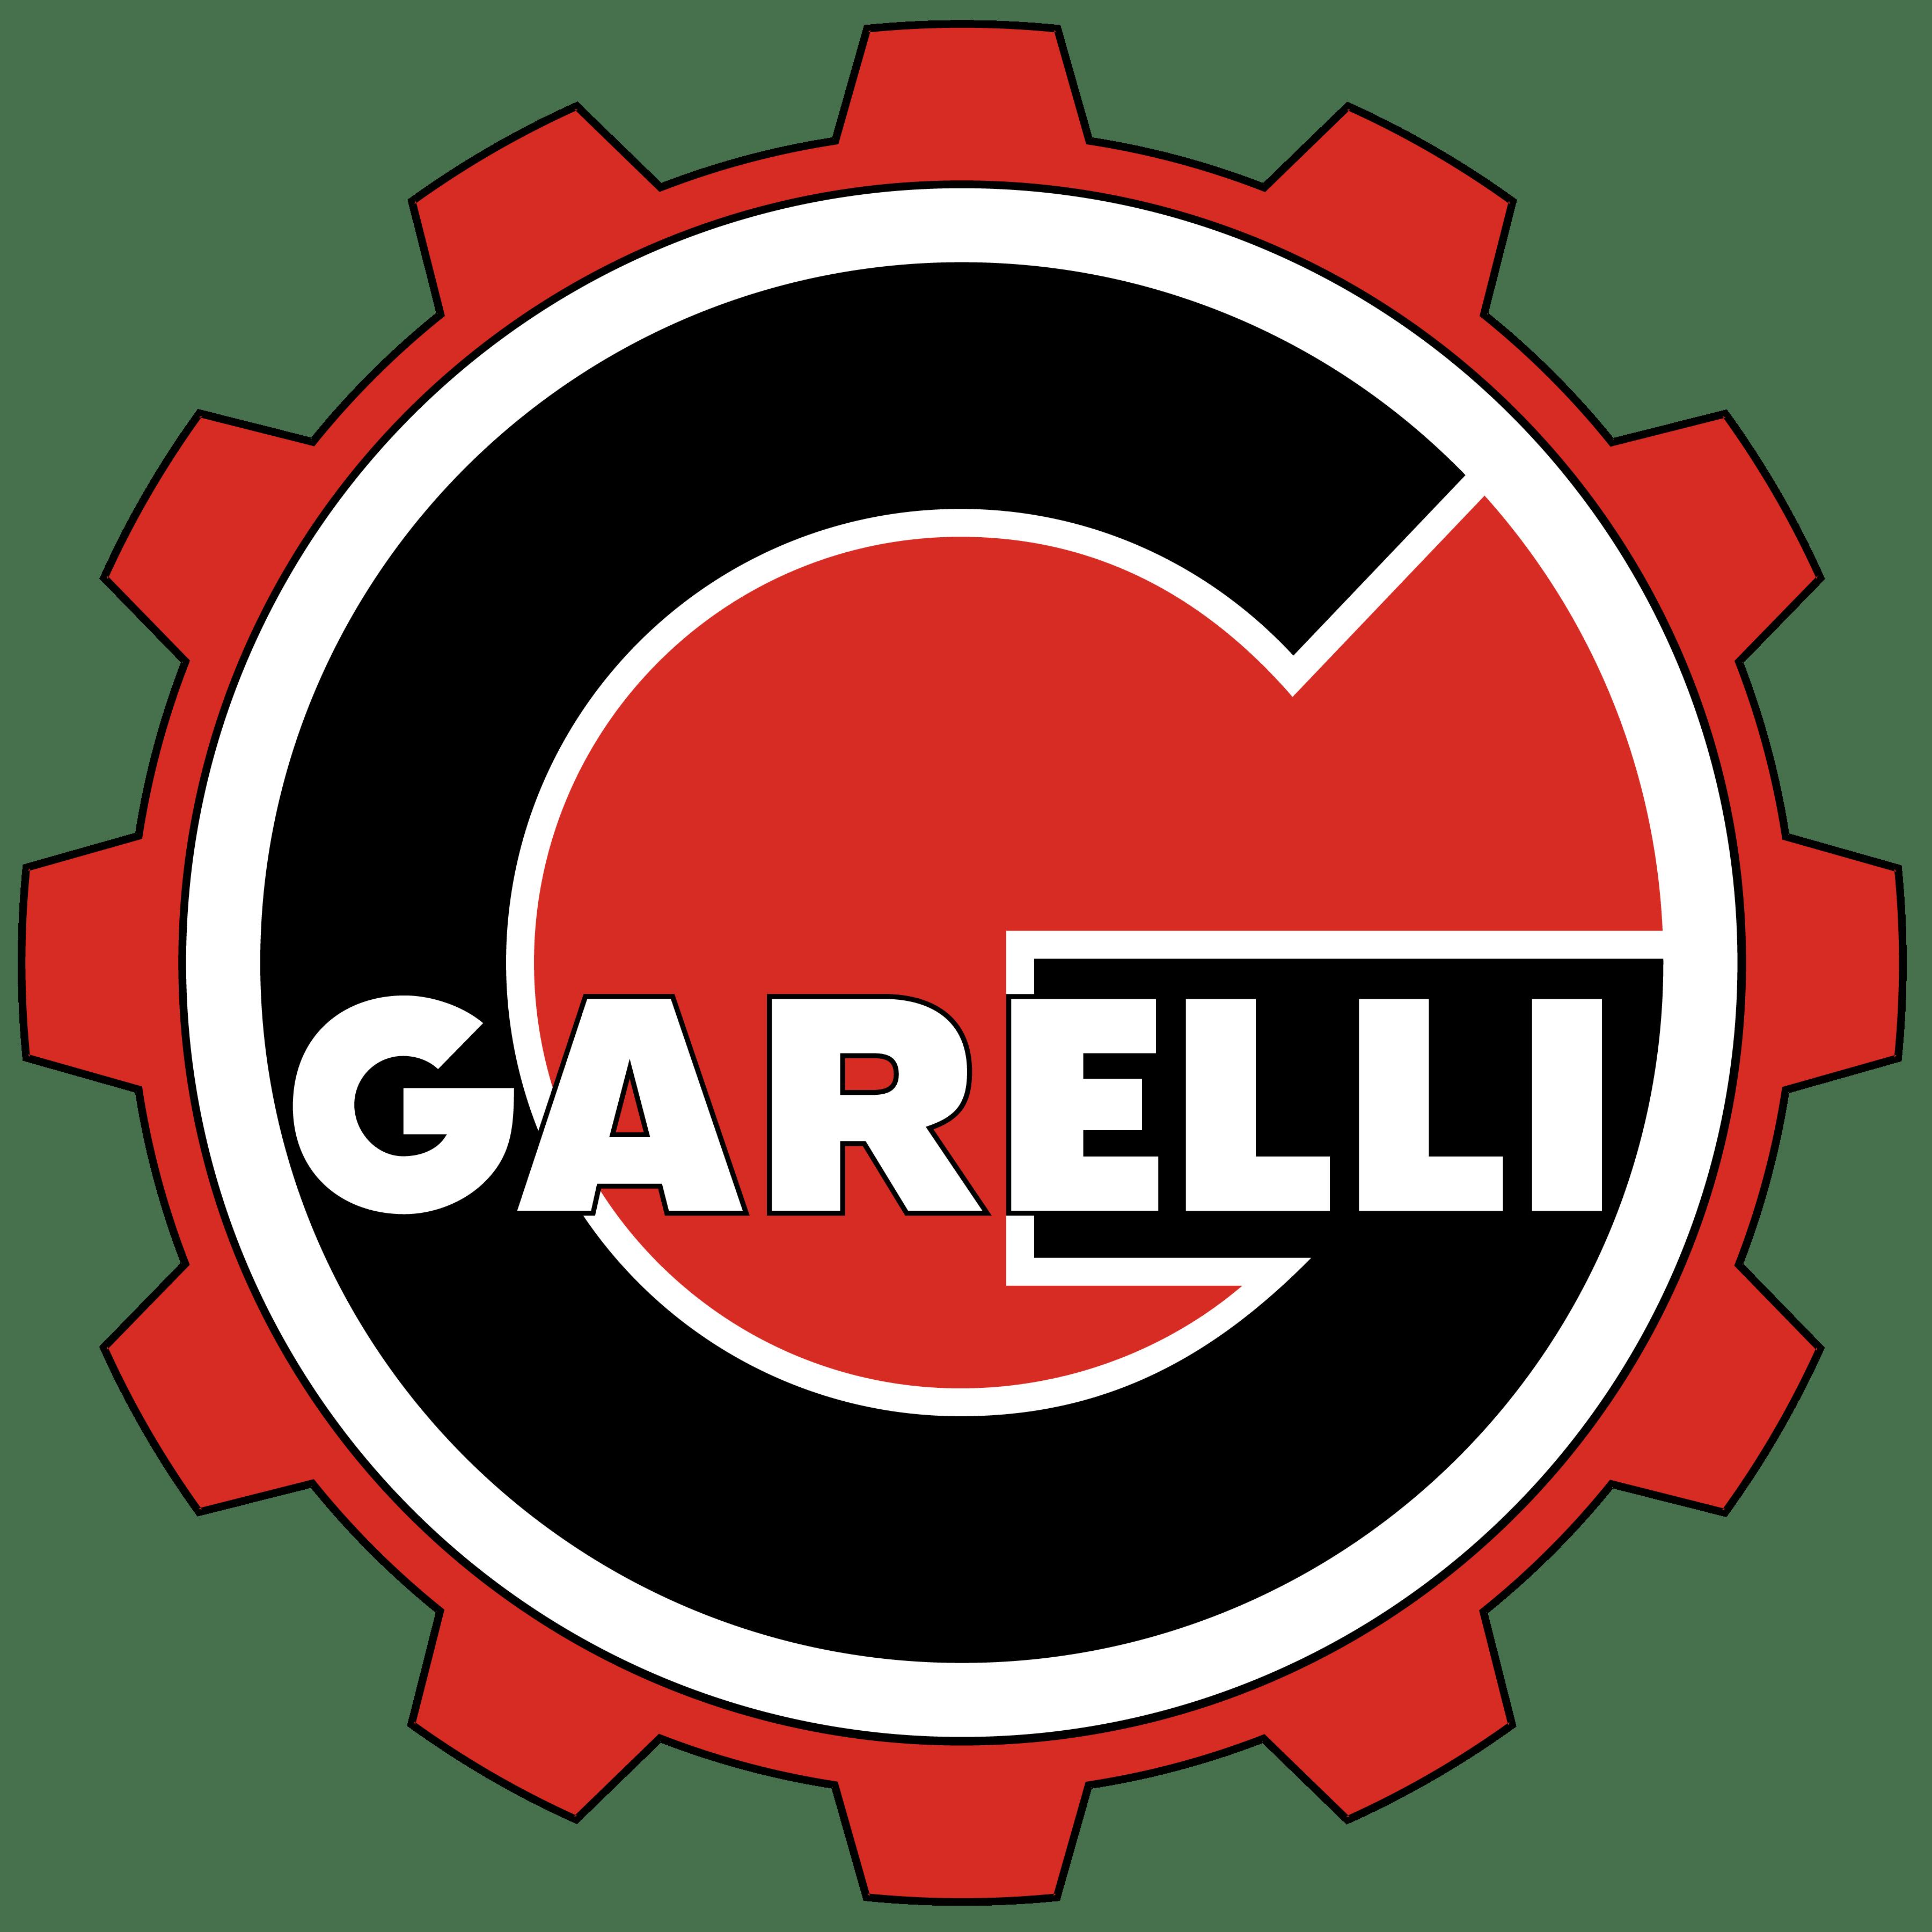 Agrati Garelli logo (con imágenes) Carros y motos, Logos